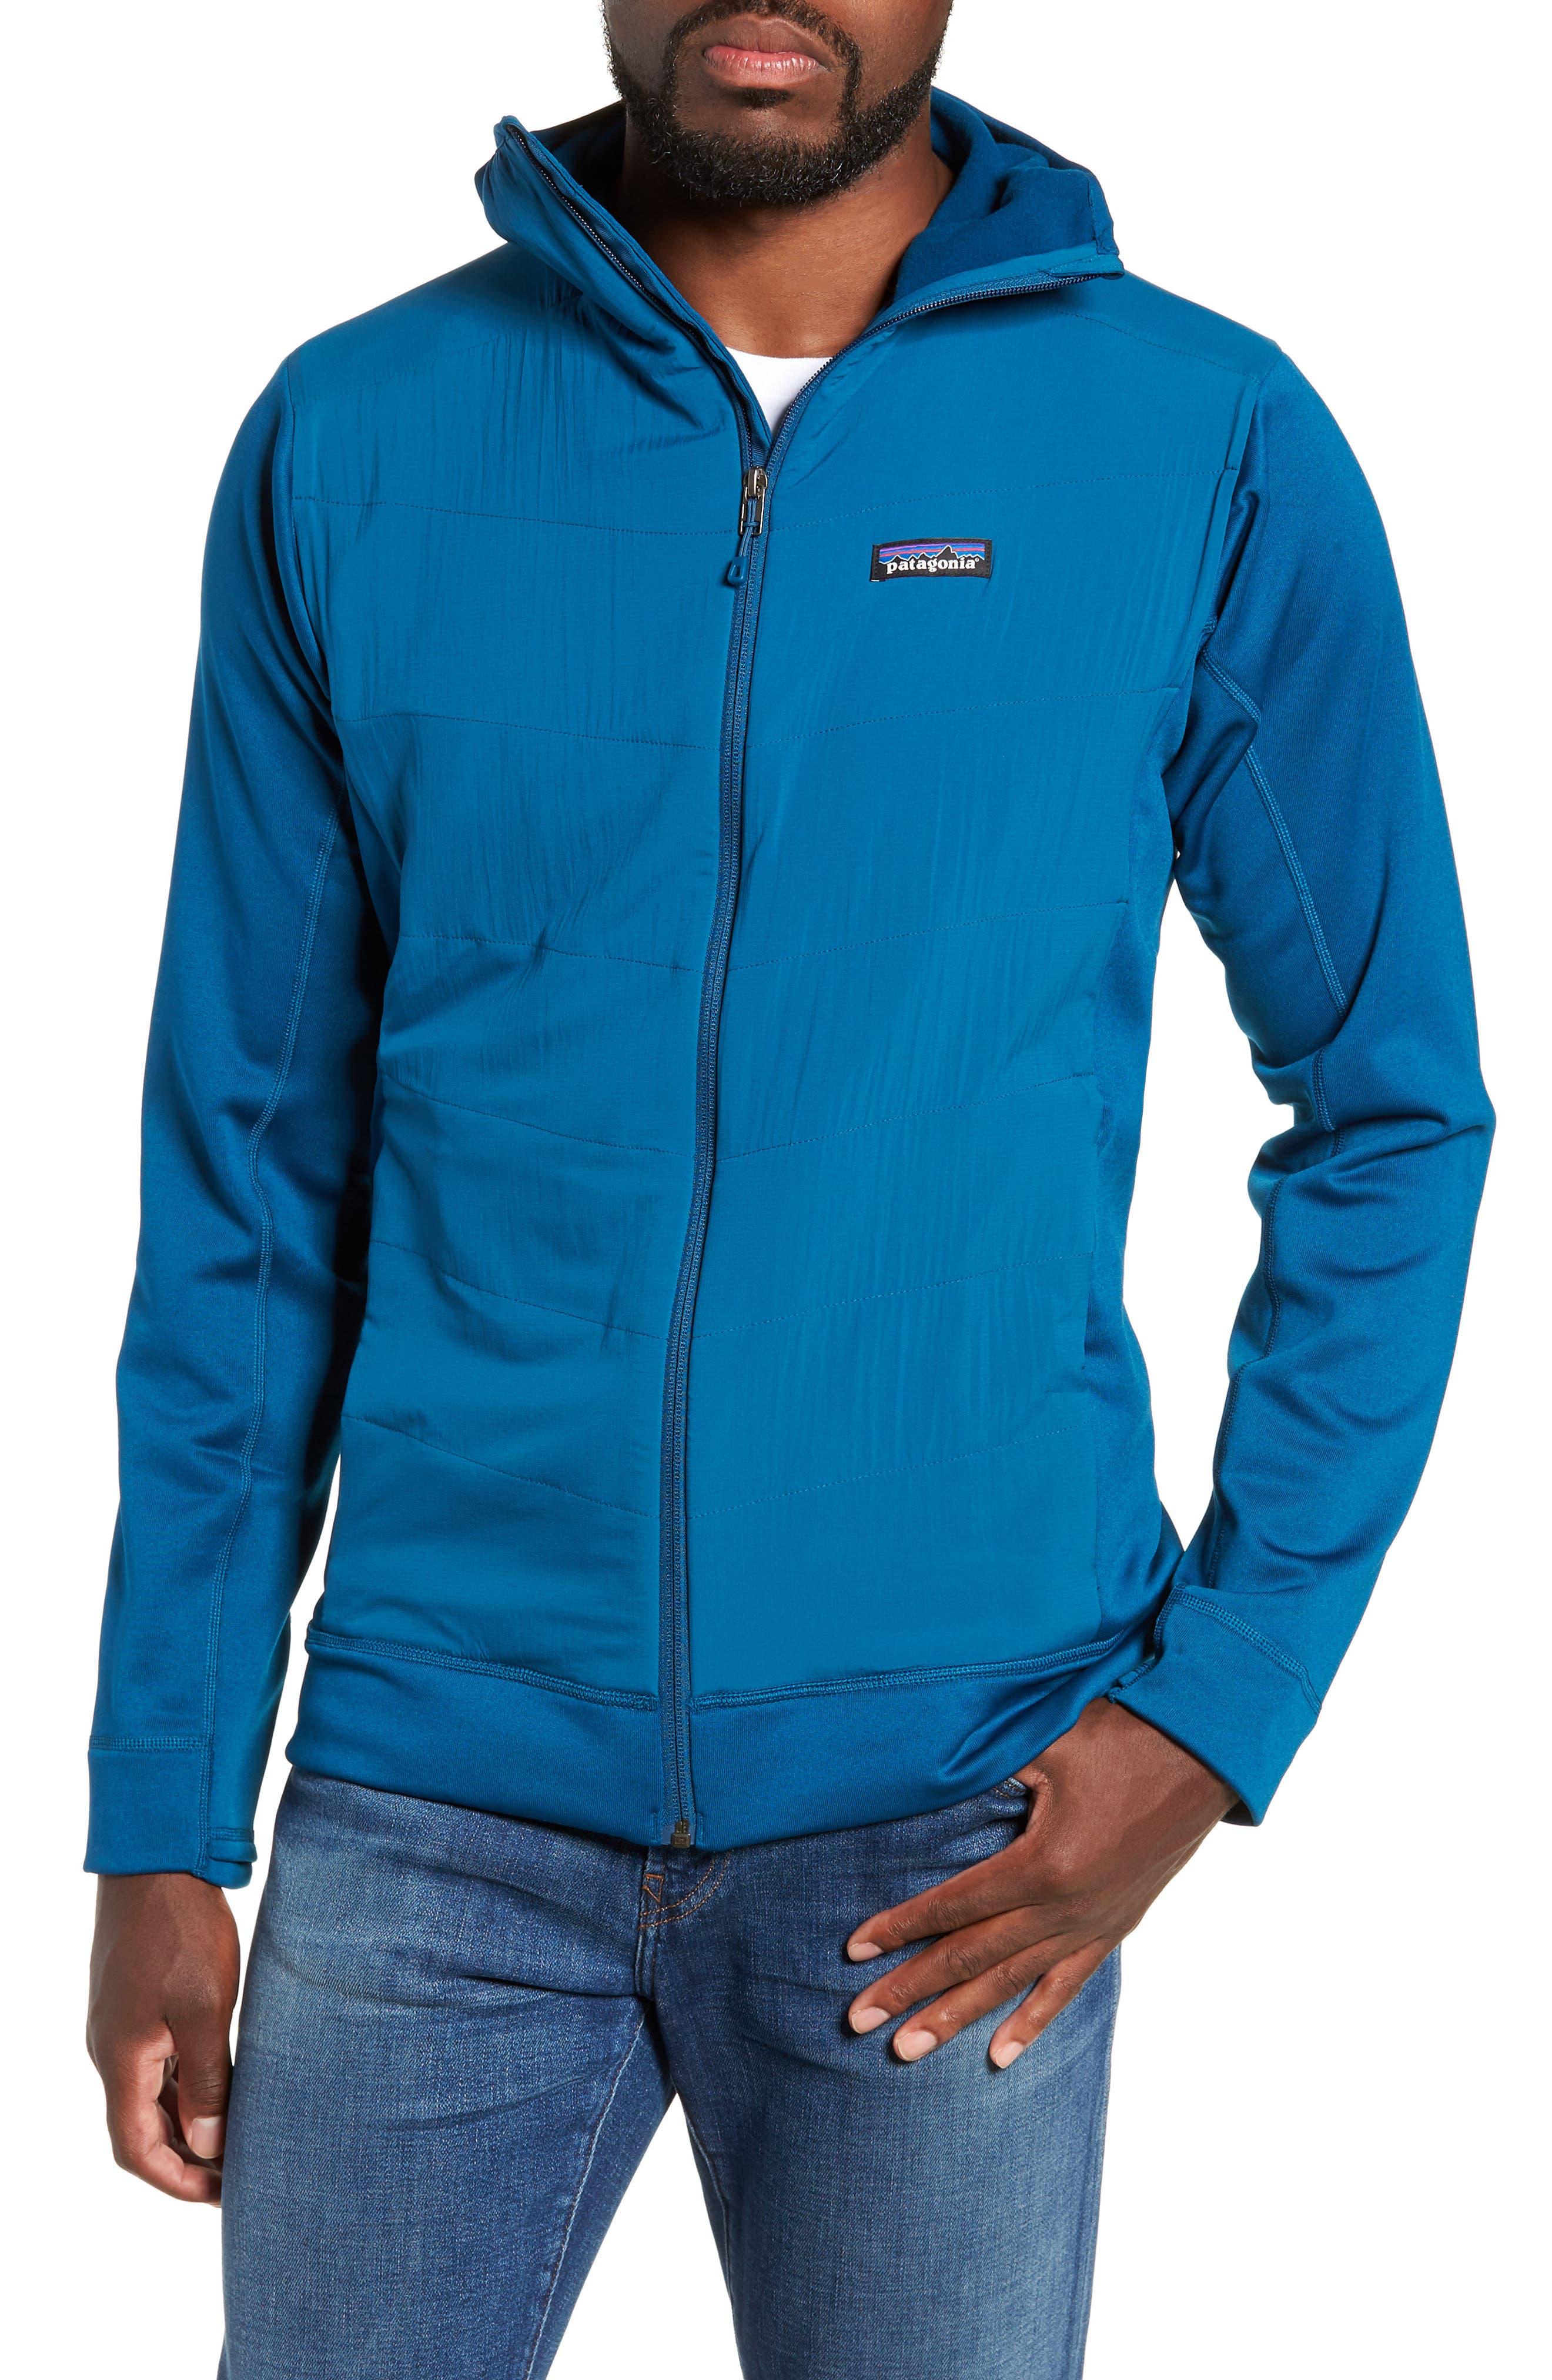 PATAGONIA Crosstek Hybrid Hooded Jacket in Big Sur Blue/ Balkan Blue